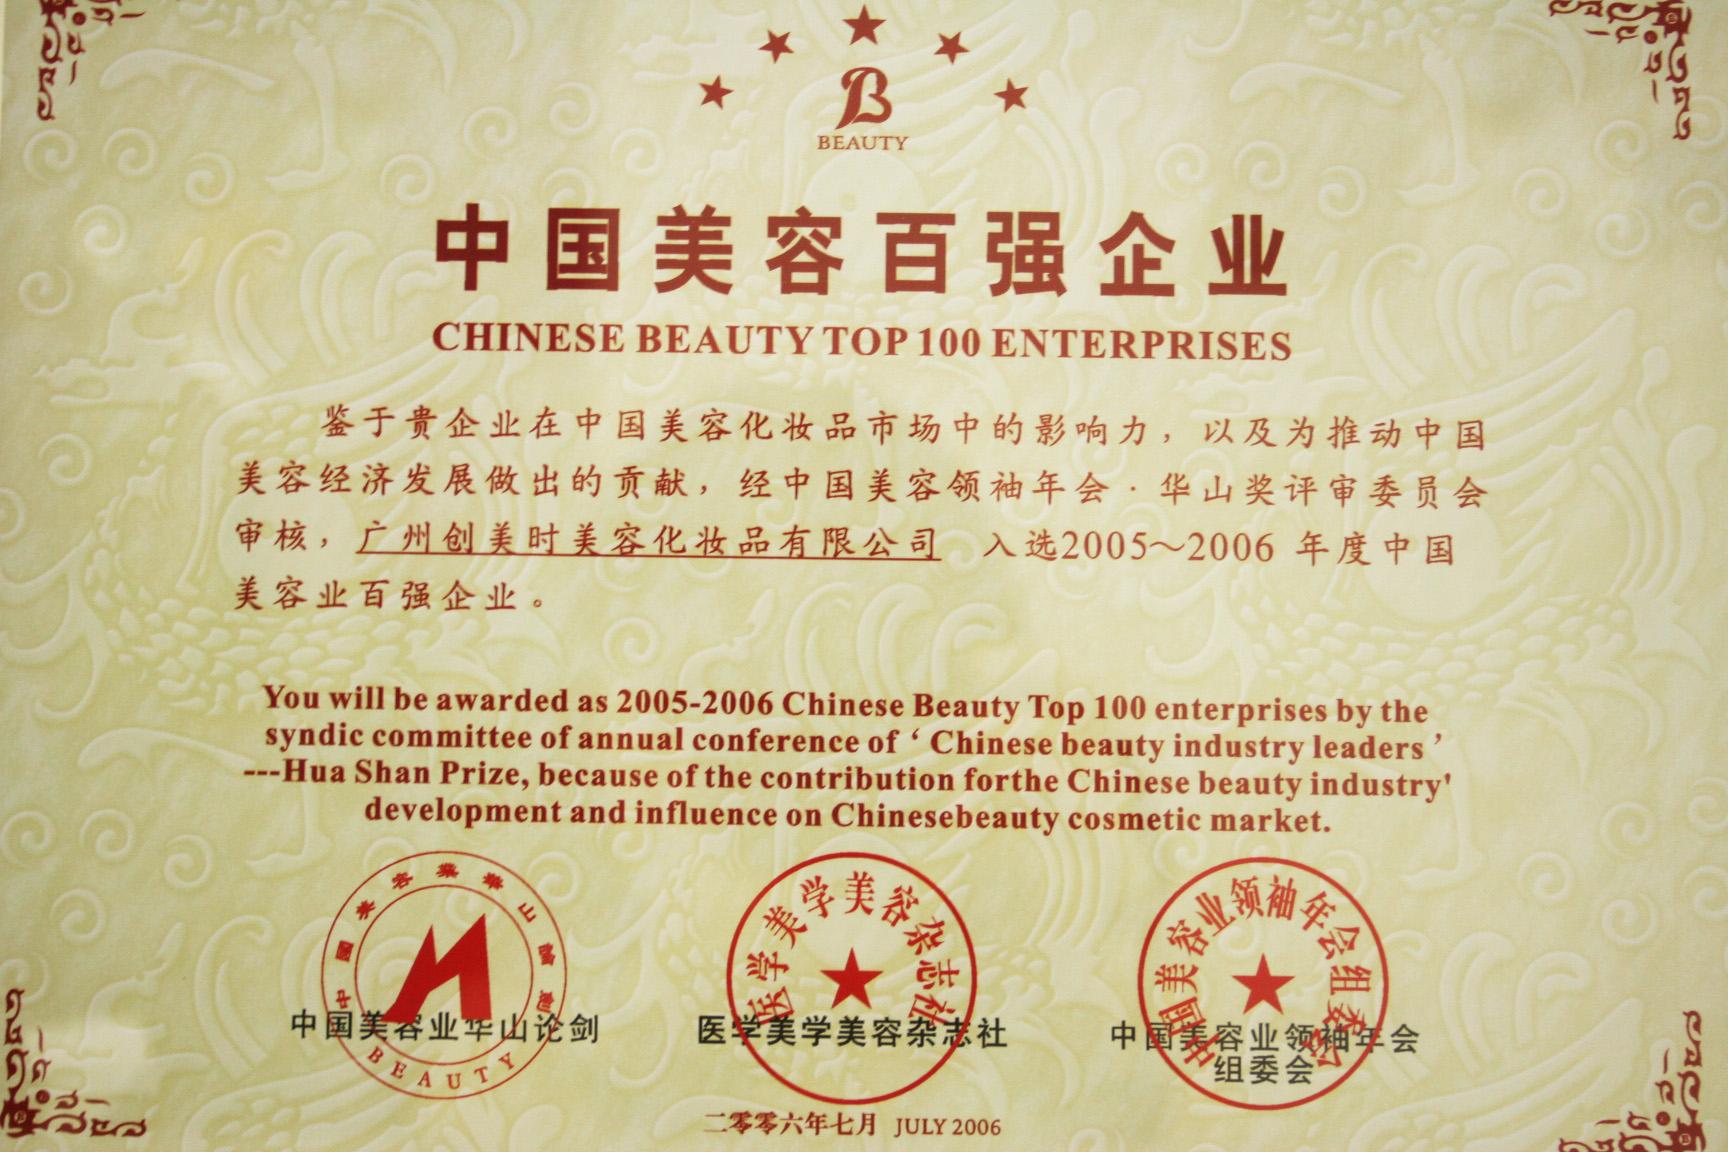 2005-2006年度中国美容业百强企业证书